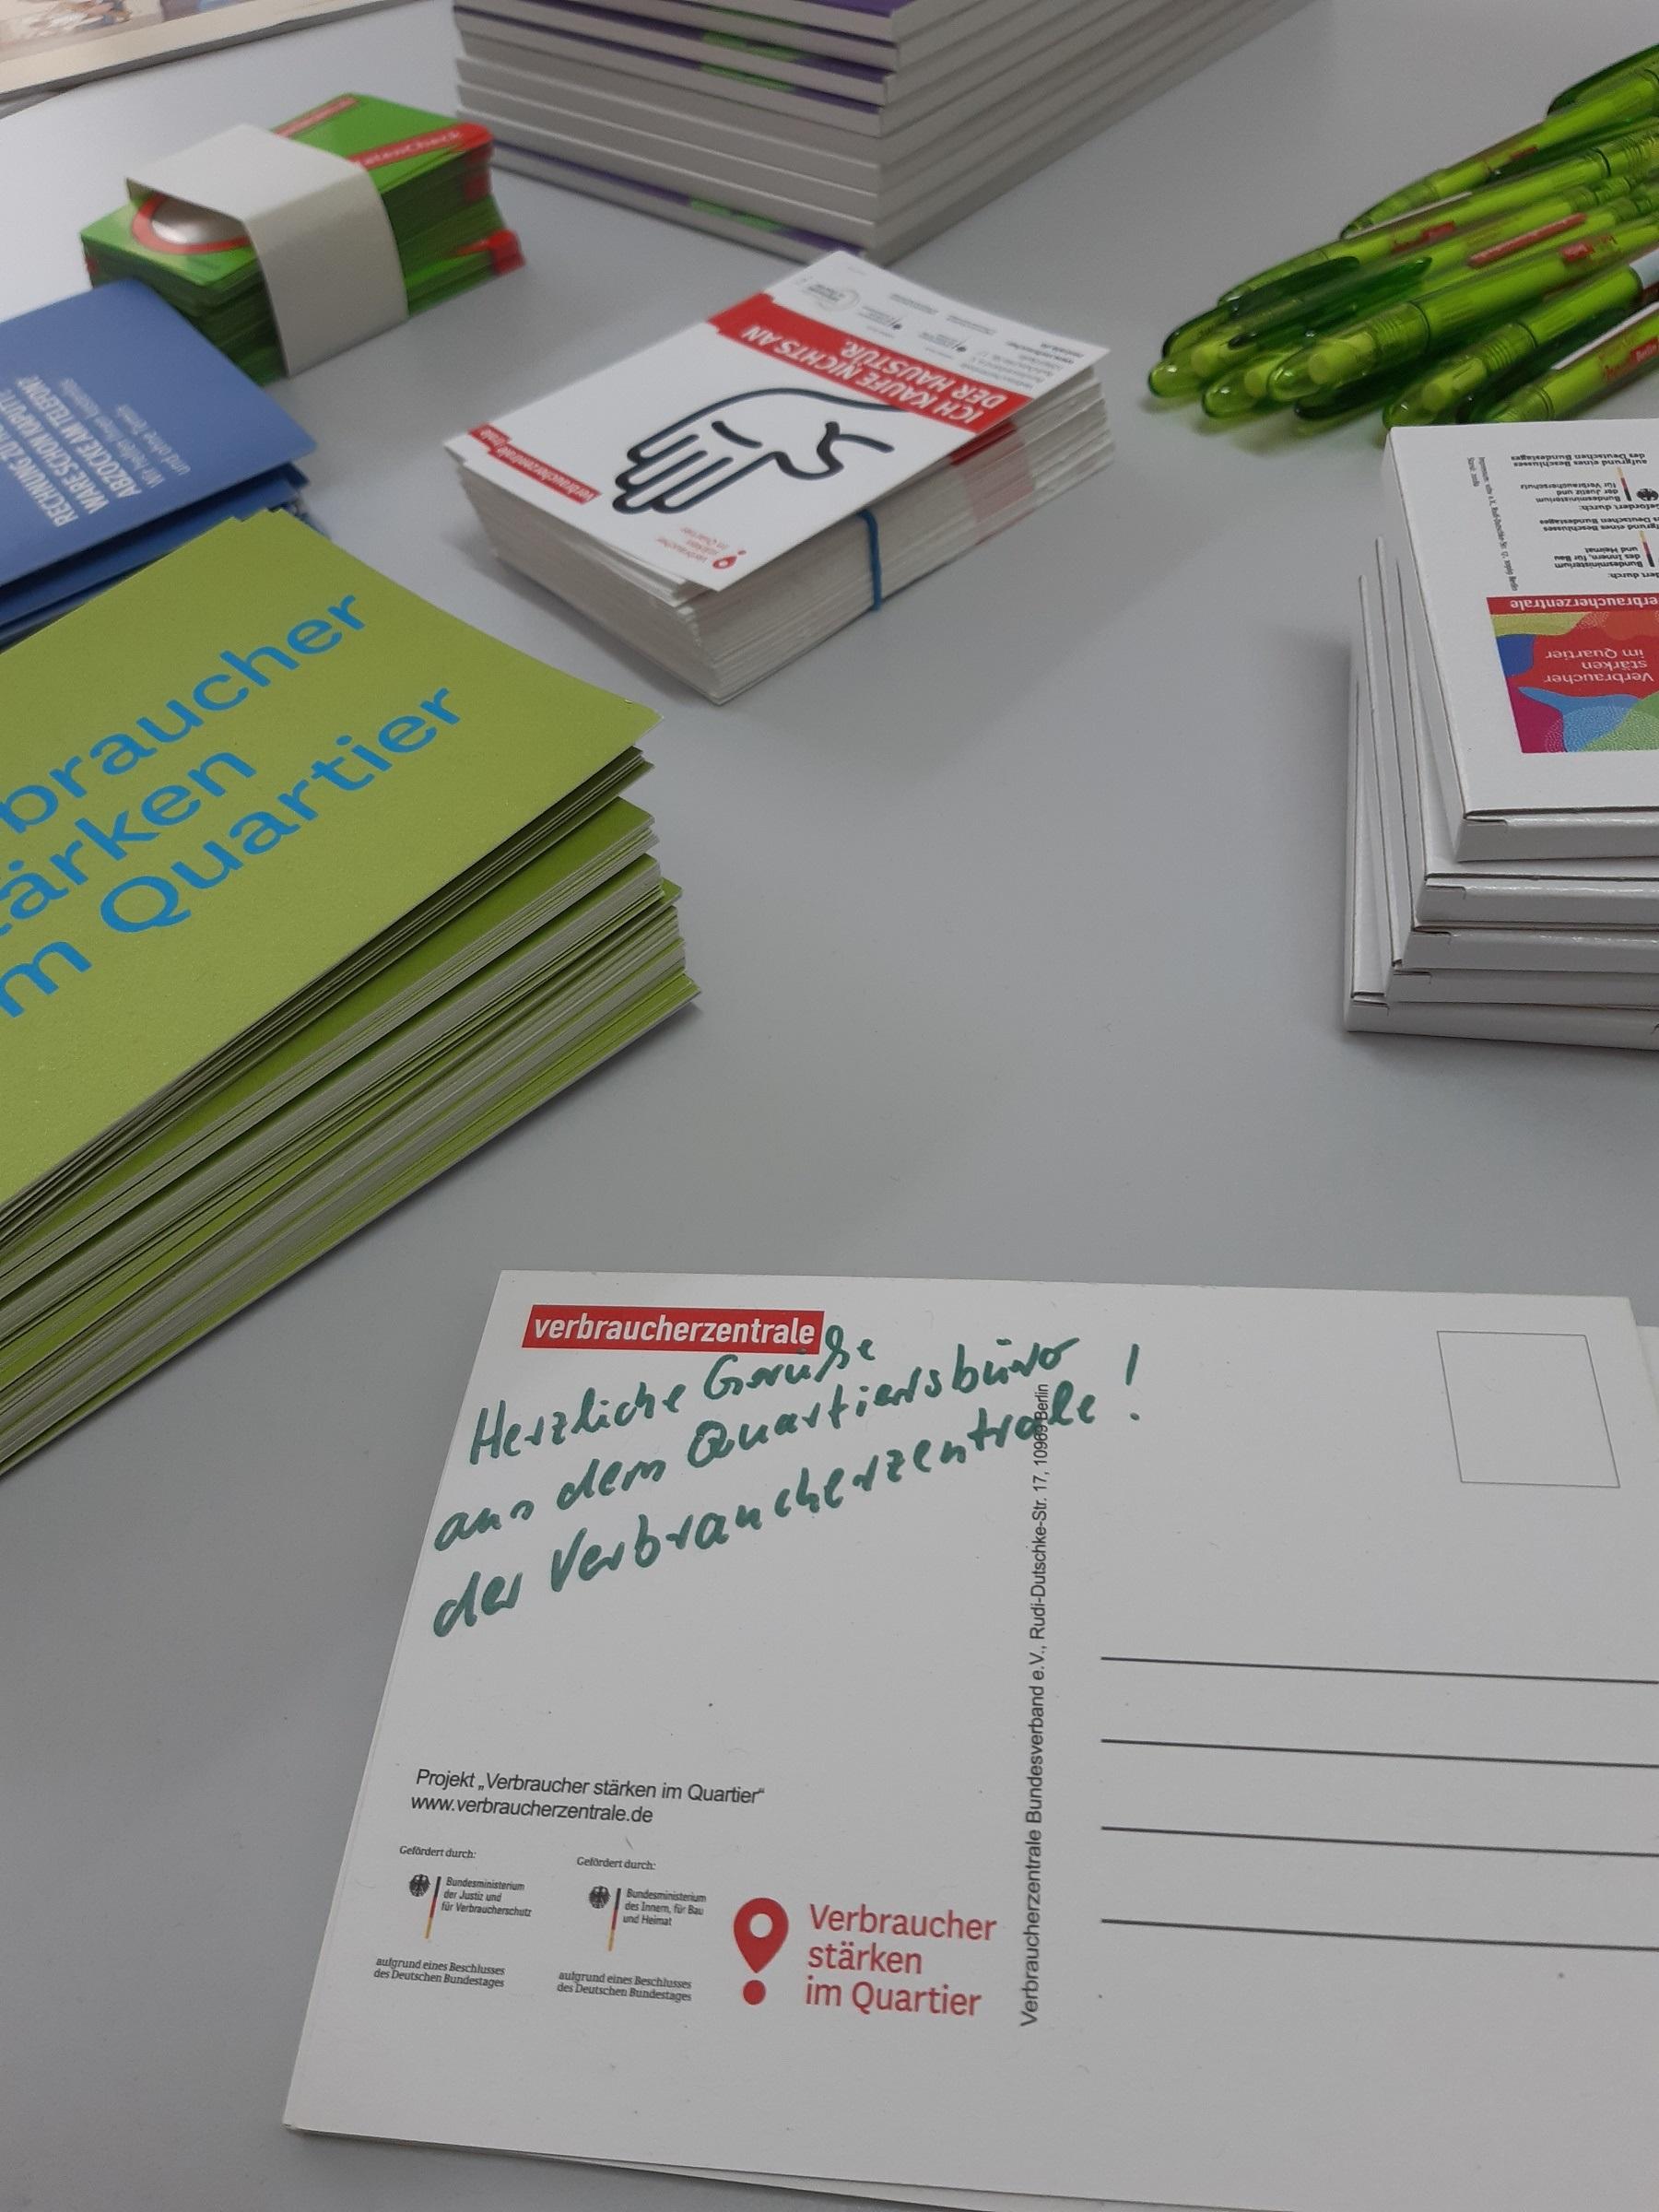 ein Tisch auf dem verschiedenes Werbematerial der Verbraucherschützer liegt, zB Kugelschreiber, Flyer, Postkarten